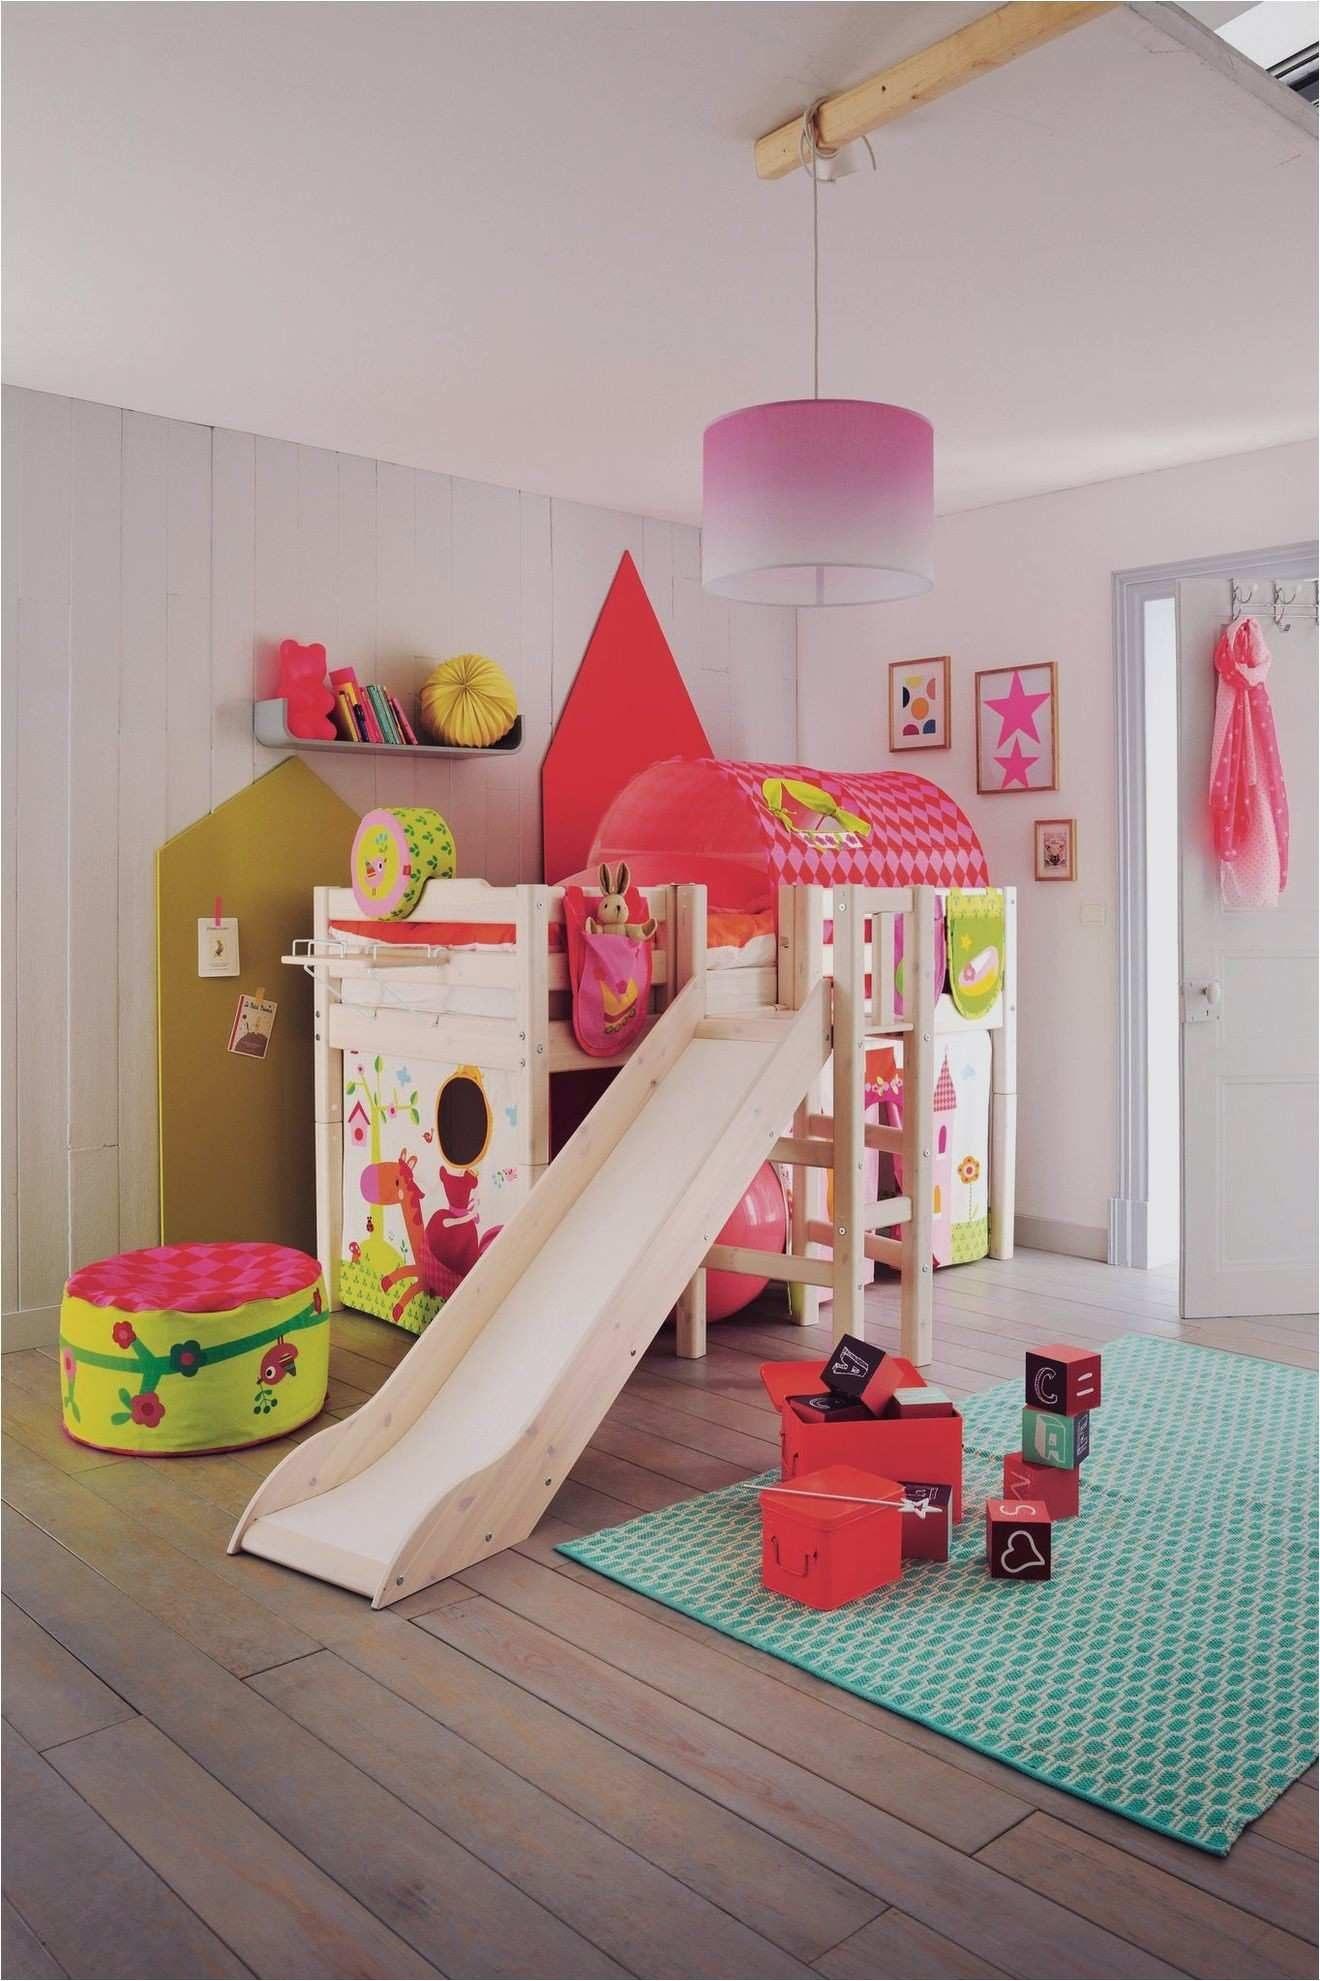 Lit Cabane Pour Enfant Le Luxe Délicieux Cabane Enfant Chambre Ou Chambre Enfant Avec Lit Cabane